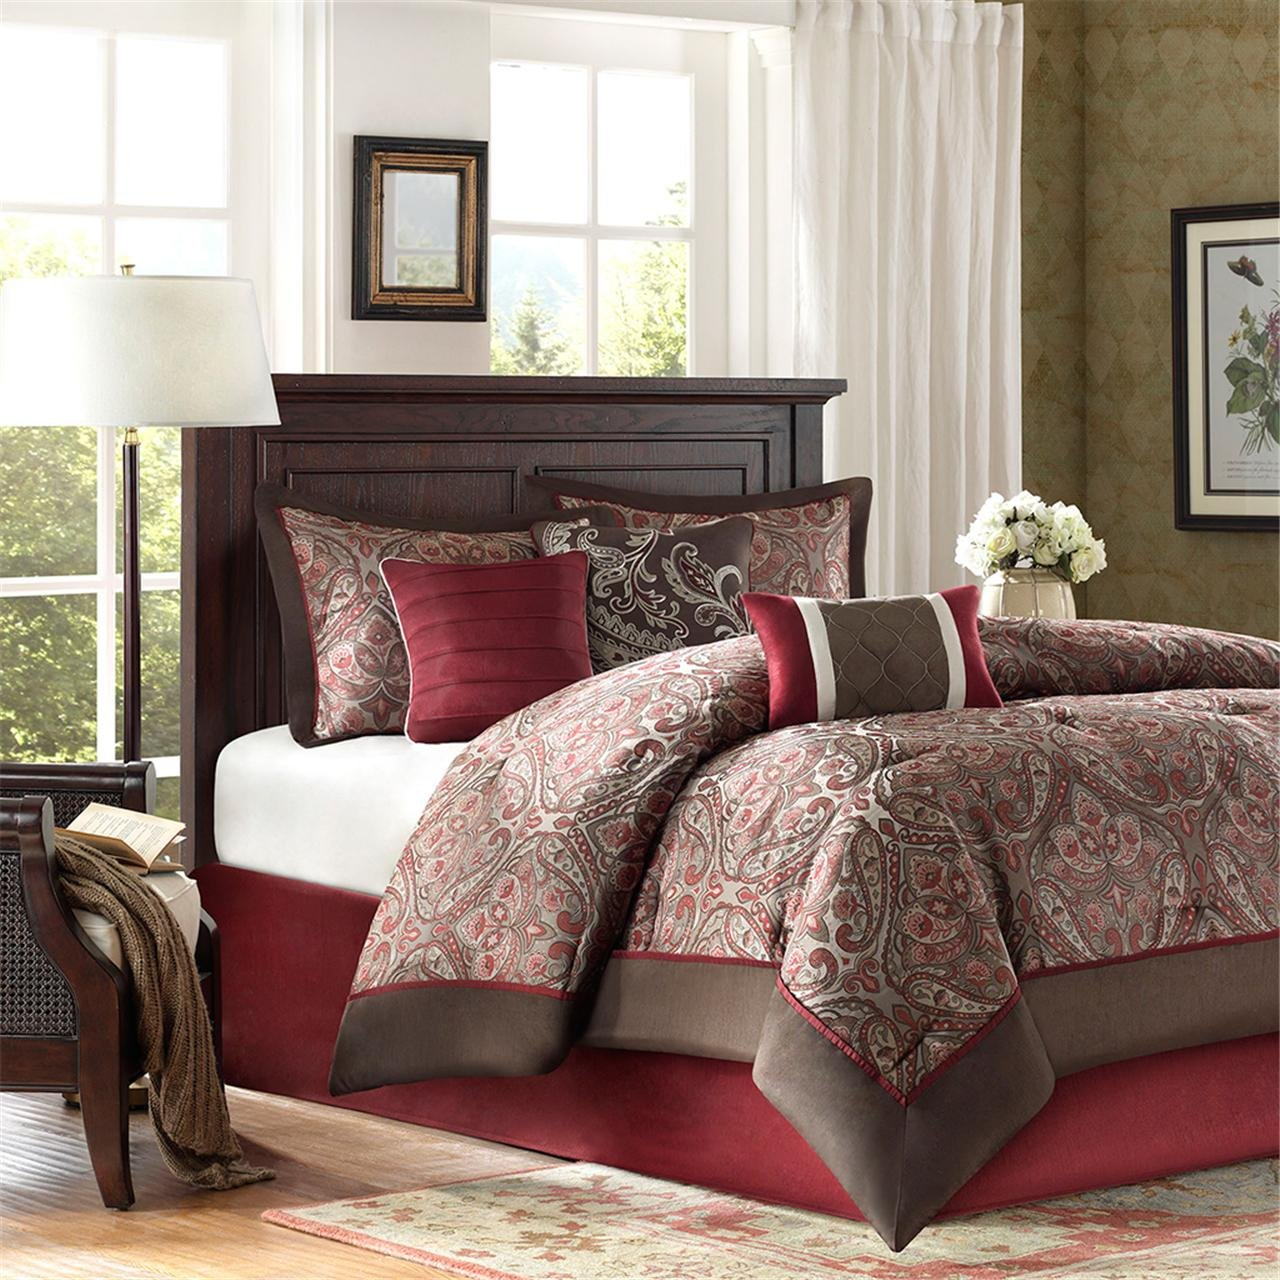 Amazon: Madison Park Talbot 7 Pieceforter Set, Queen: Home & Kitchen